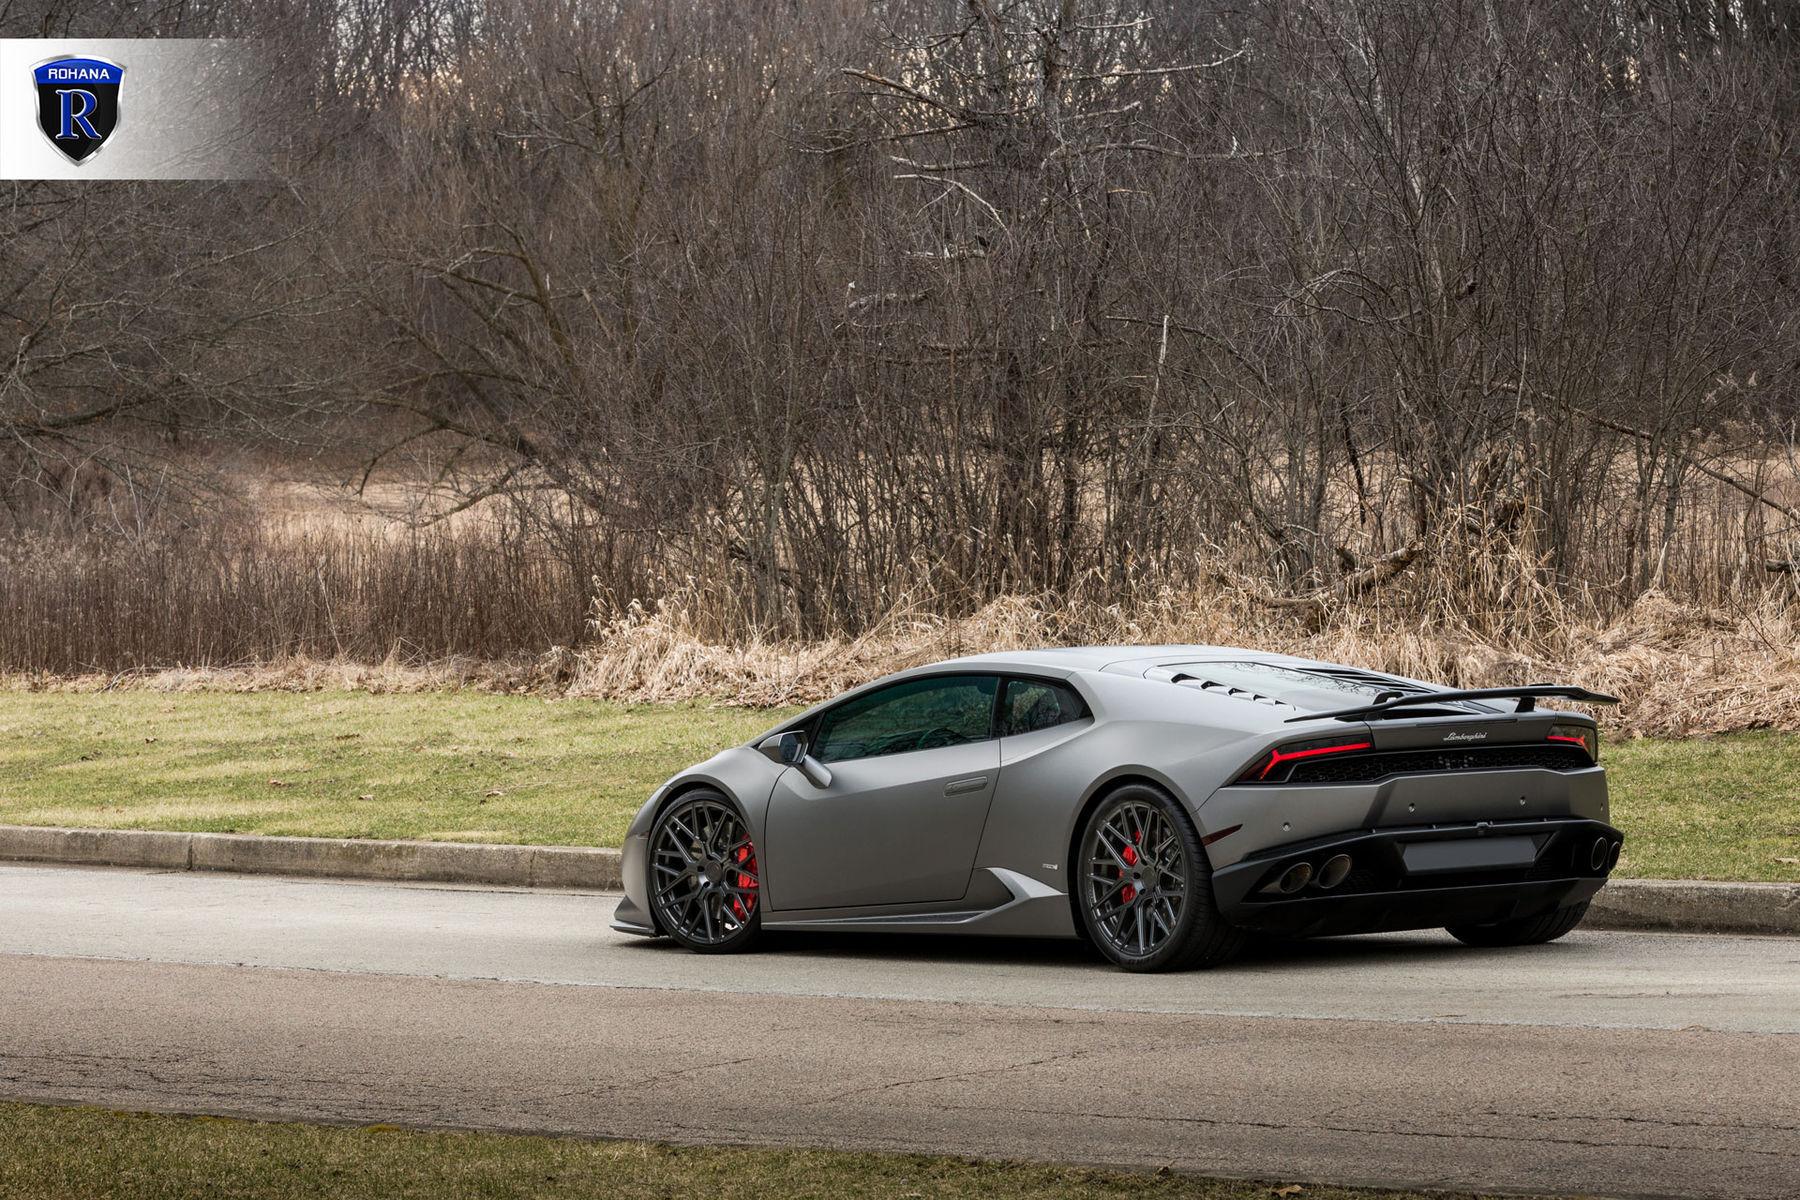 2016 Lamborghini Huracan | Matte Huracan - Side View